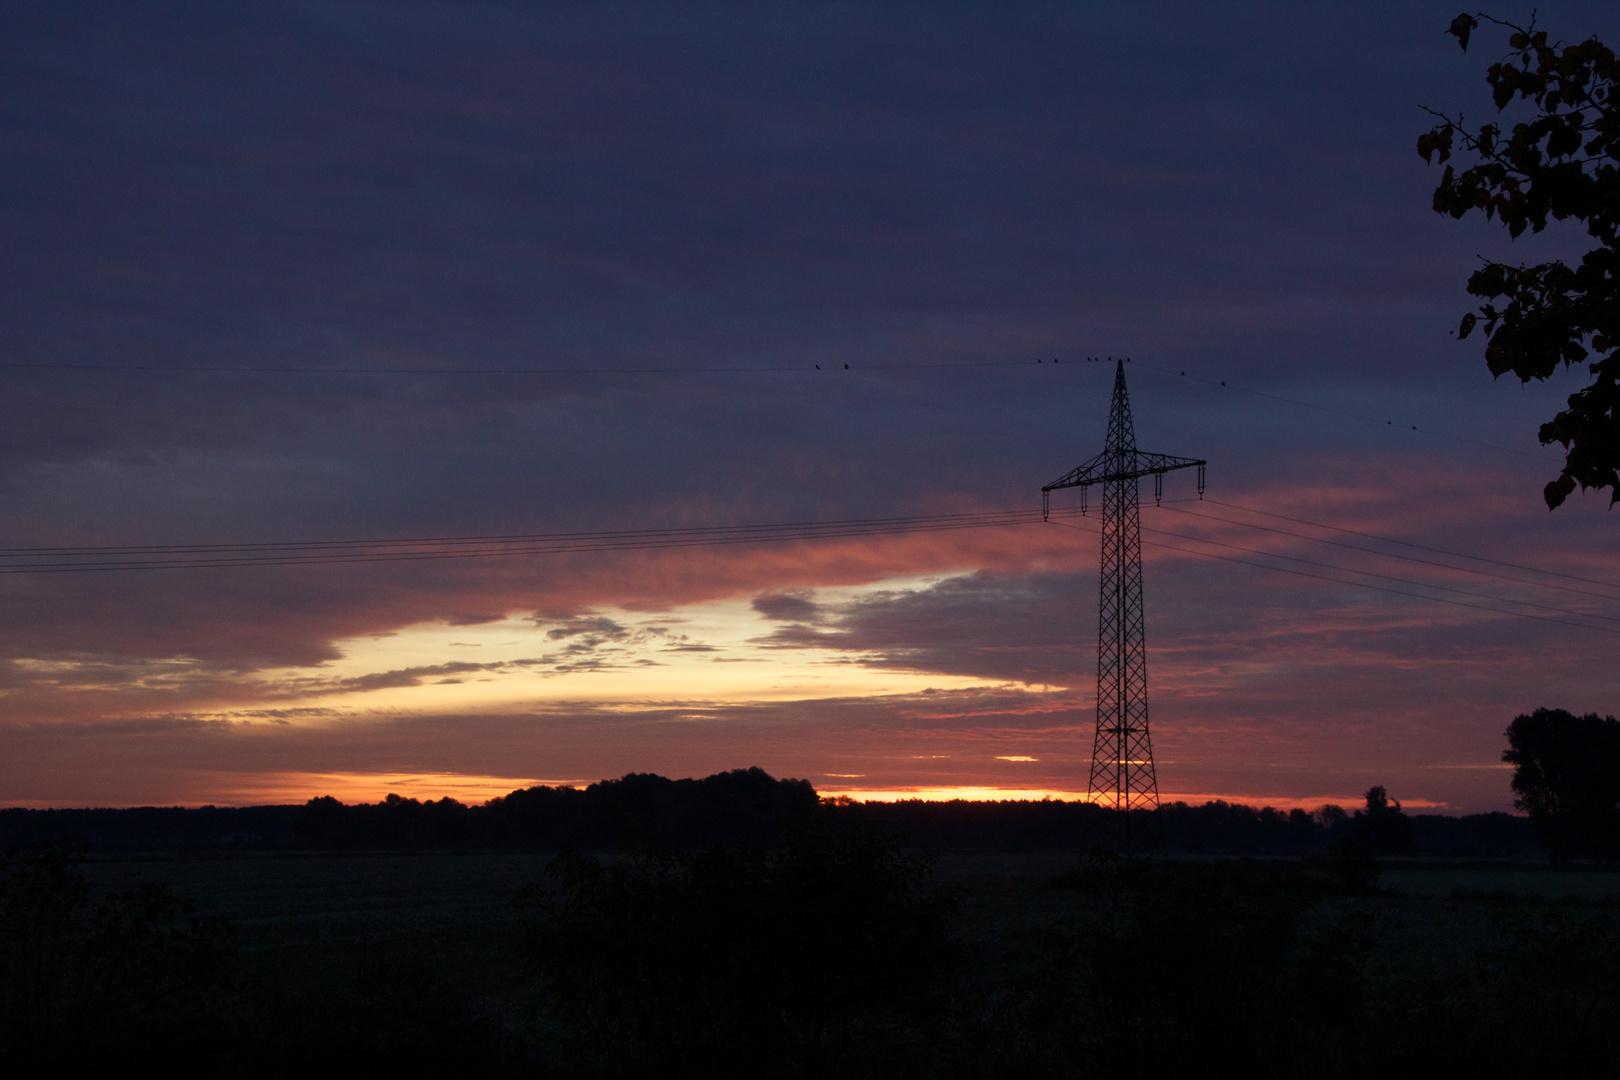 Sonnenaufgang über dem Havelland